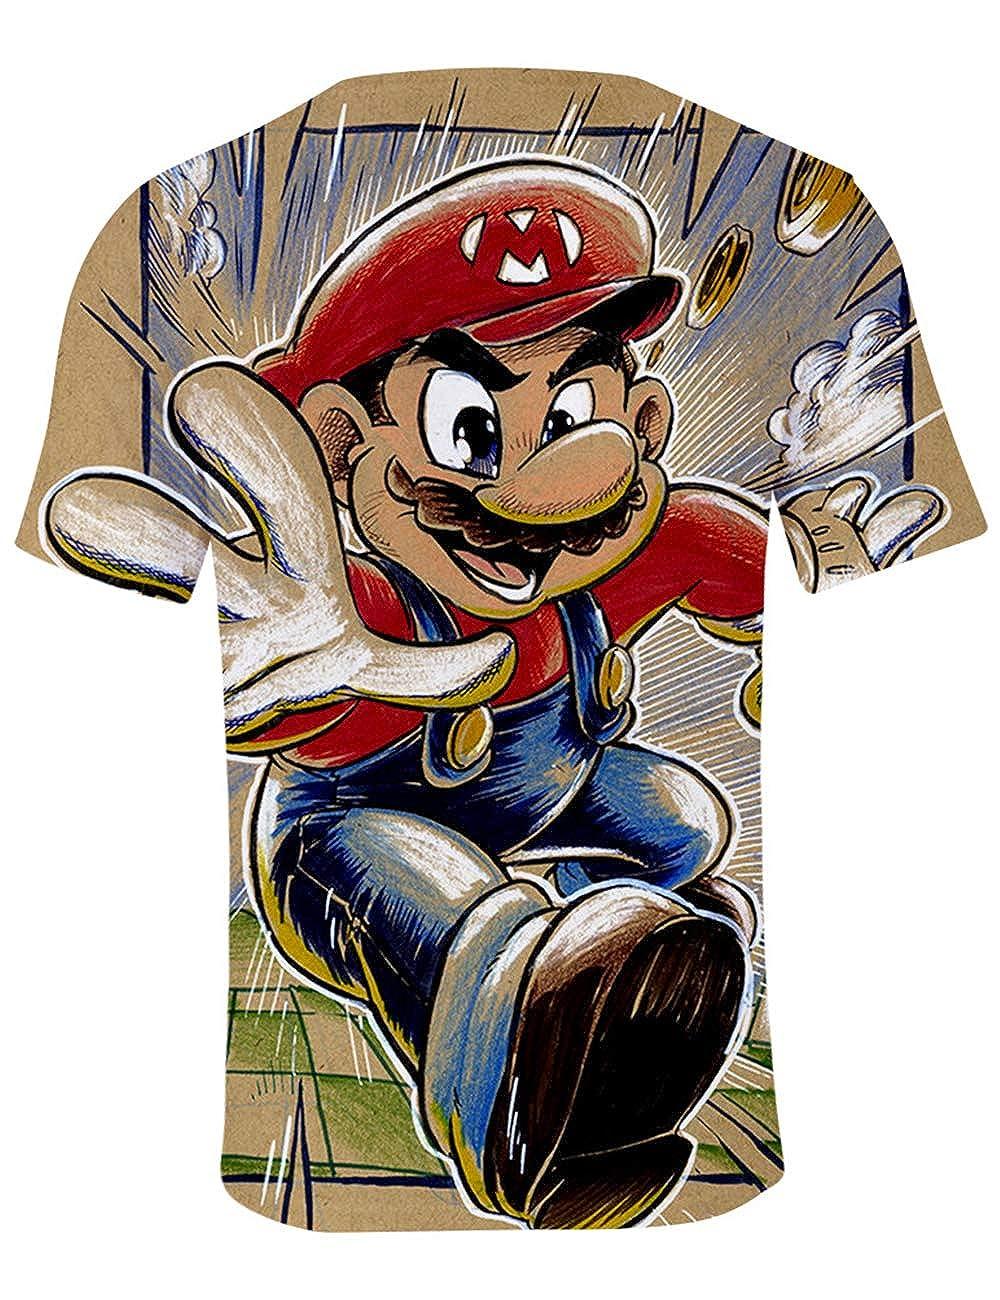 Super Mario Maglietta per Bambino Super Mario Bros Manica Corta con Stampa 3D per Ragazzo Ragazza Estate Tee T-Shirt Casuale Elegante Camicia Tops Camicetta Blusa Maglietta da Ragazzi